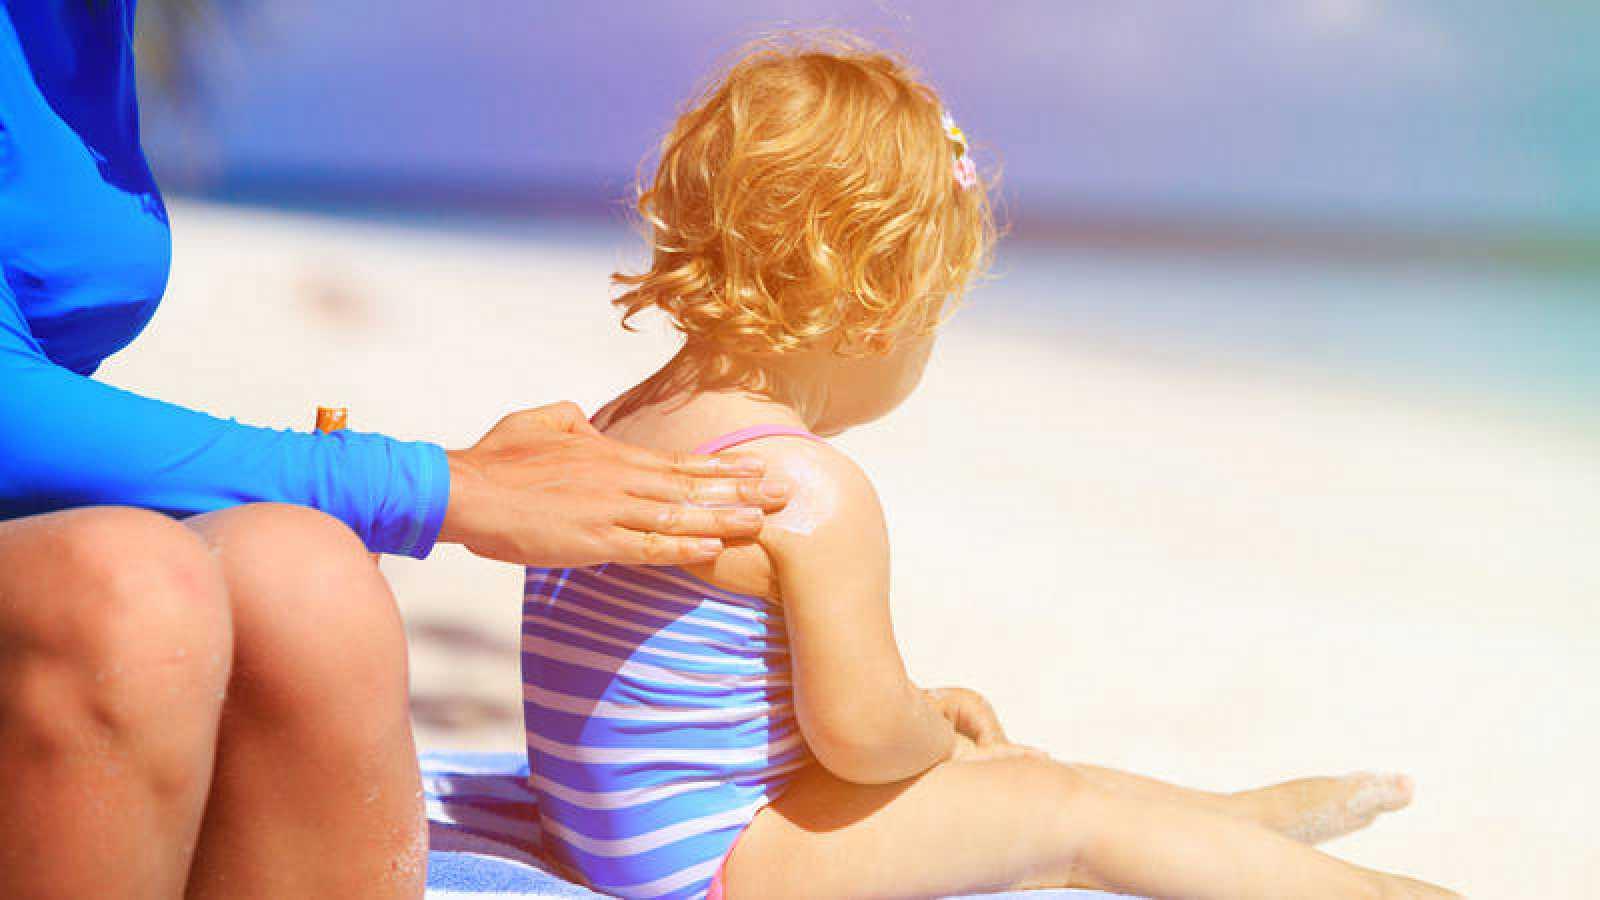 Los científicos recalcan que es importante que los que toman el sol continúen usando protector solar para la protección de la piel.